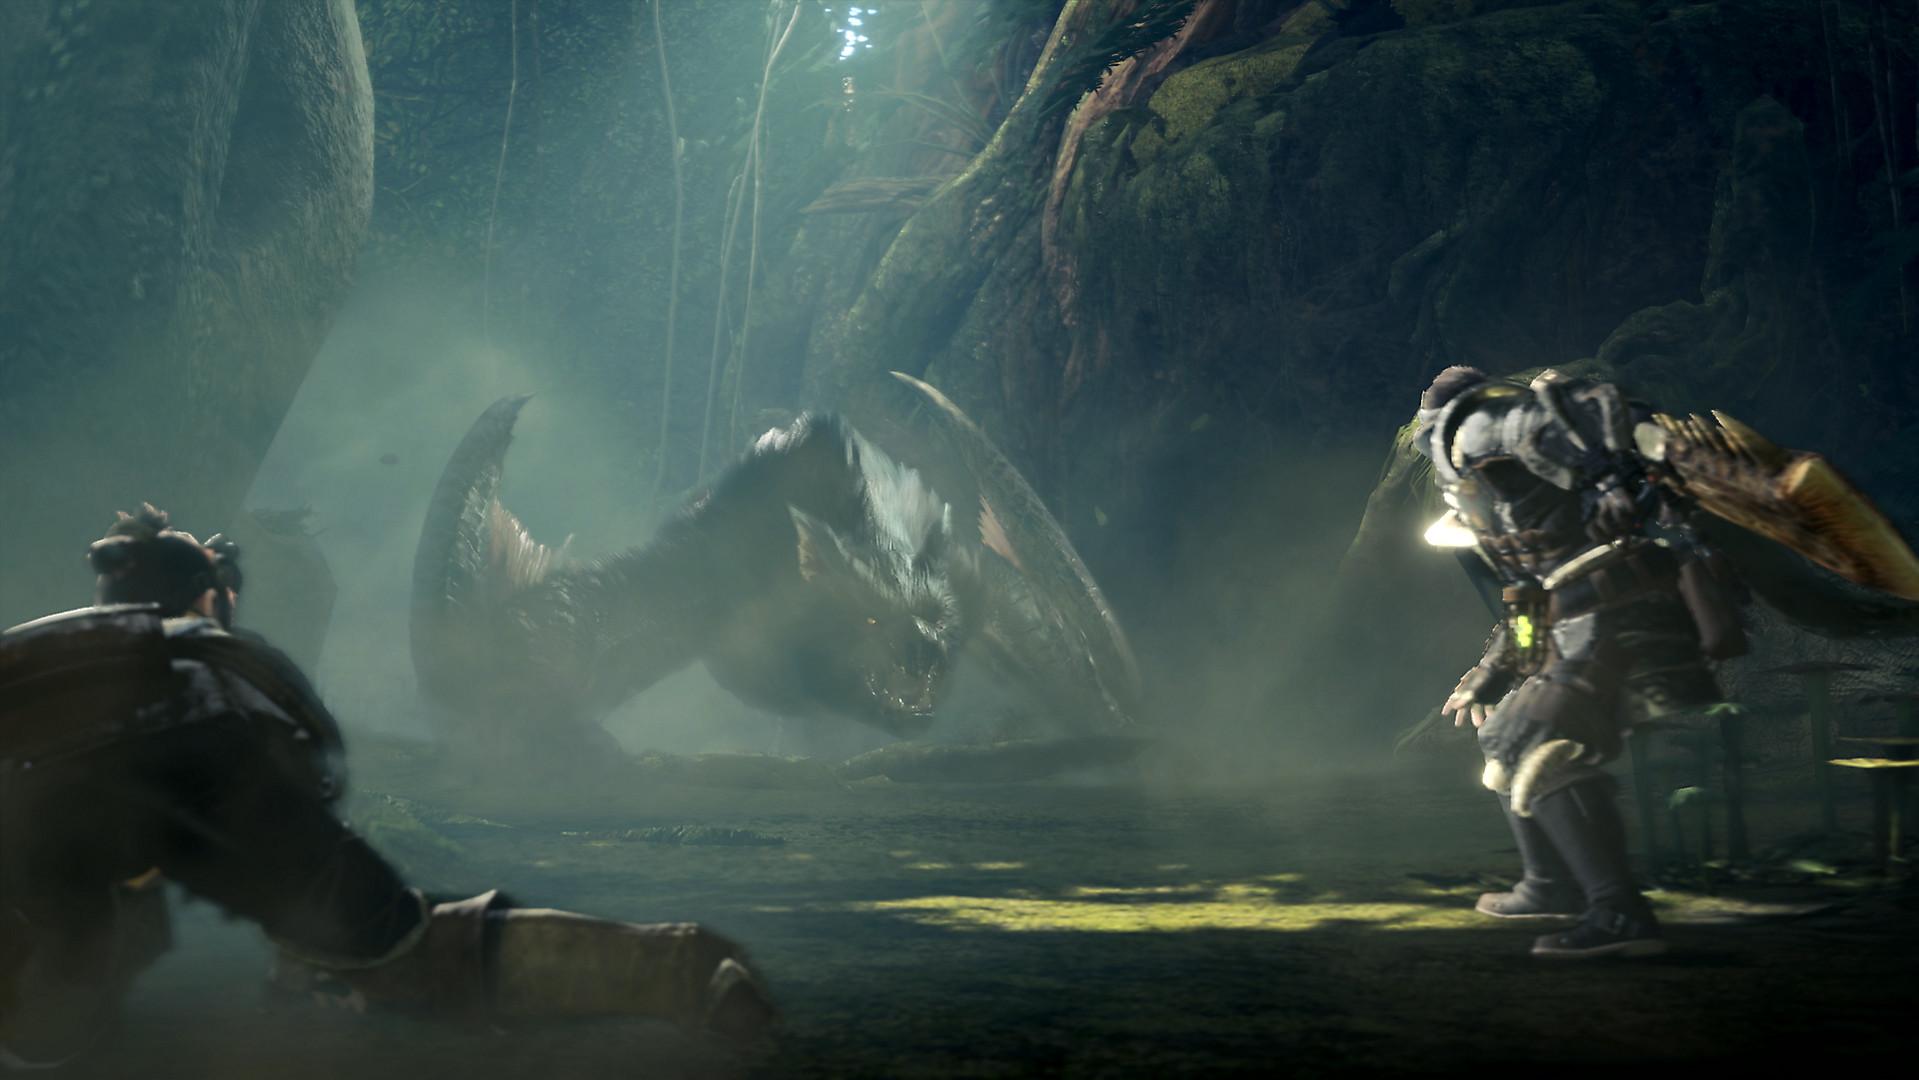 monster-hunter-world-iceborne-screen-04-